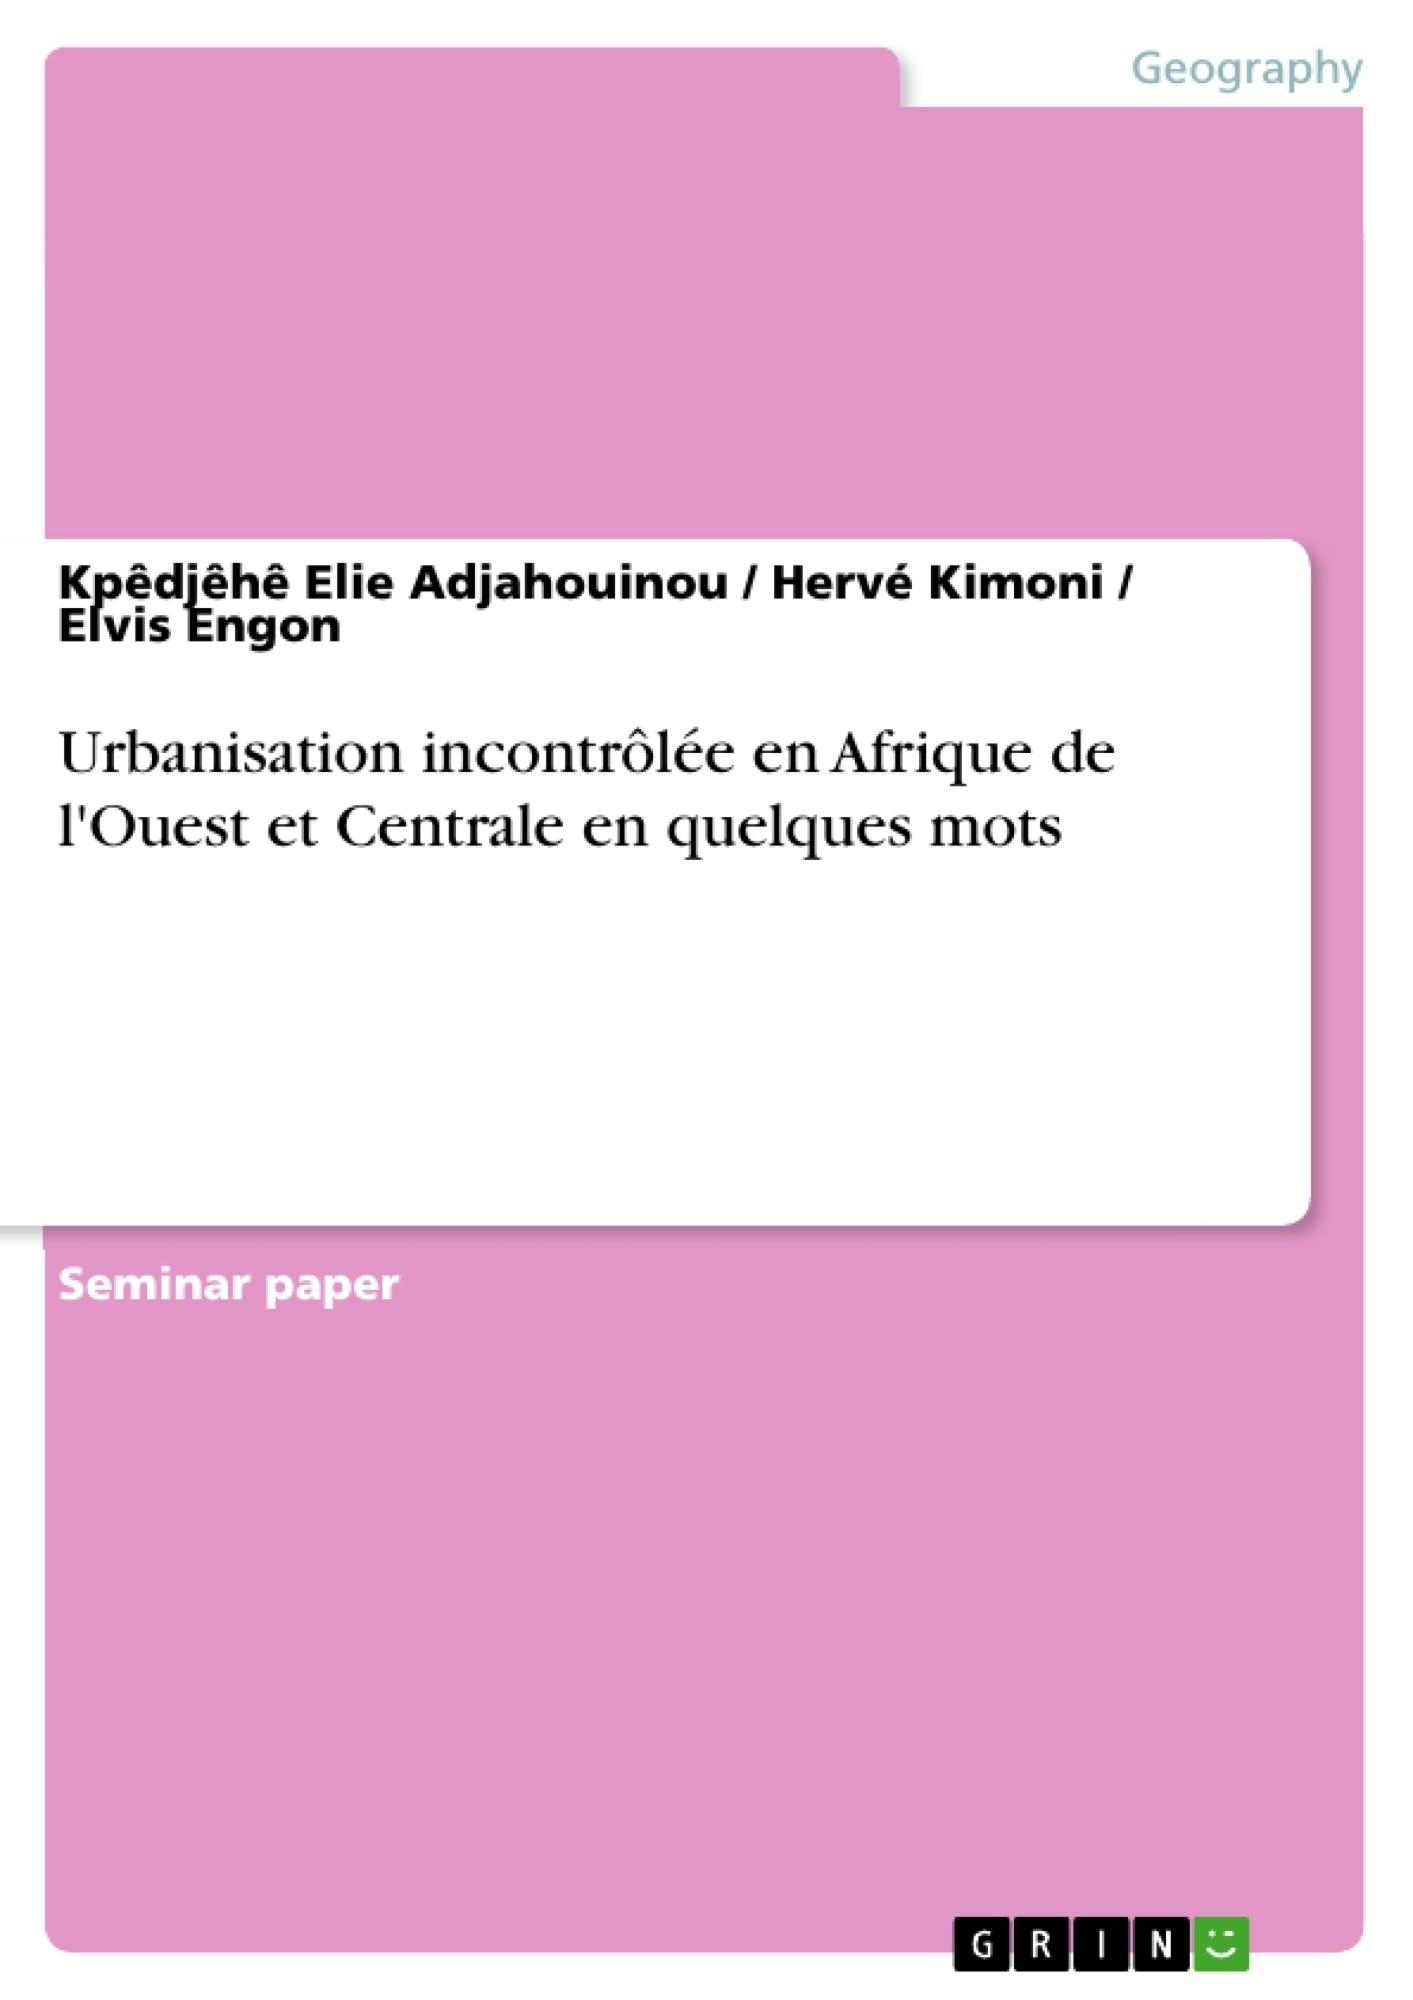 Titre: Urbanisation incontrôlée en Afrique de l'Ouest et Centrale en quelques mots